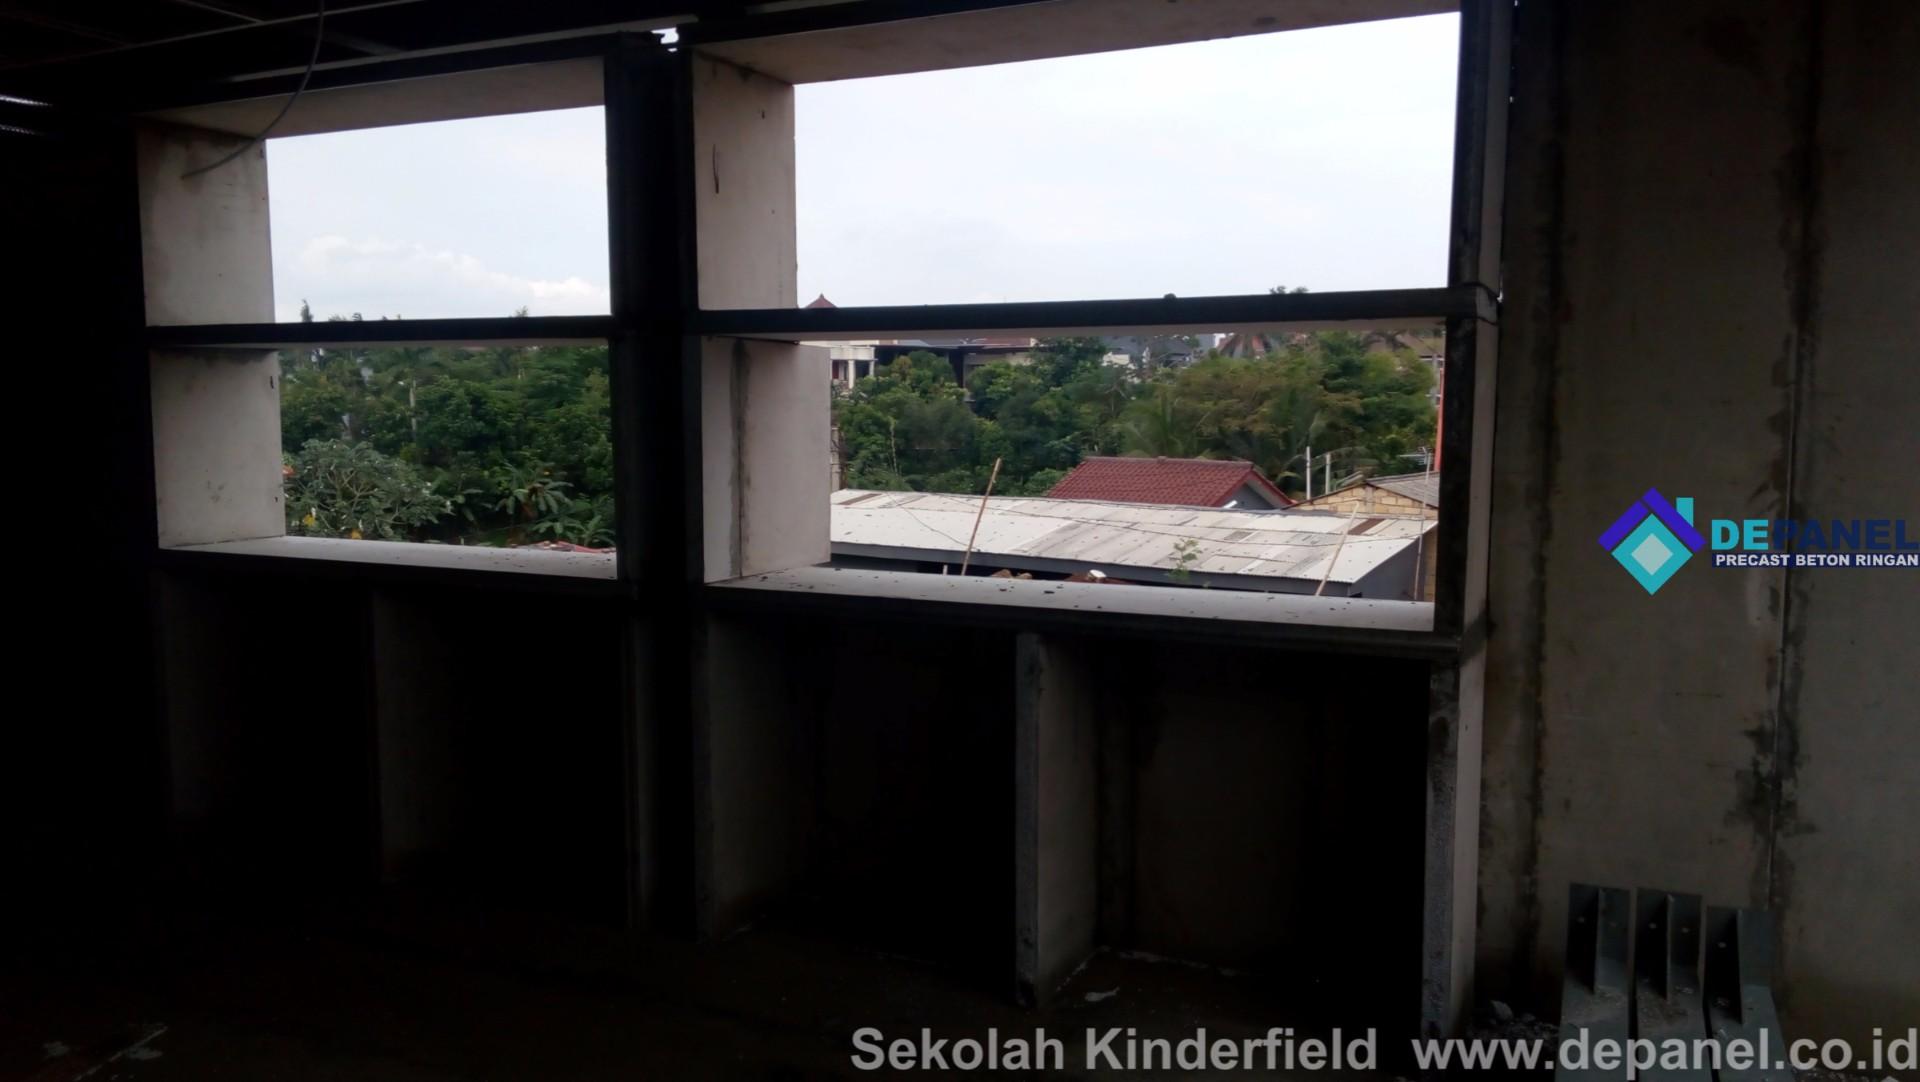 panel beton, beton ringan, kinderfield, sekolah, panel dinding, panel lantai